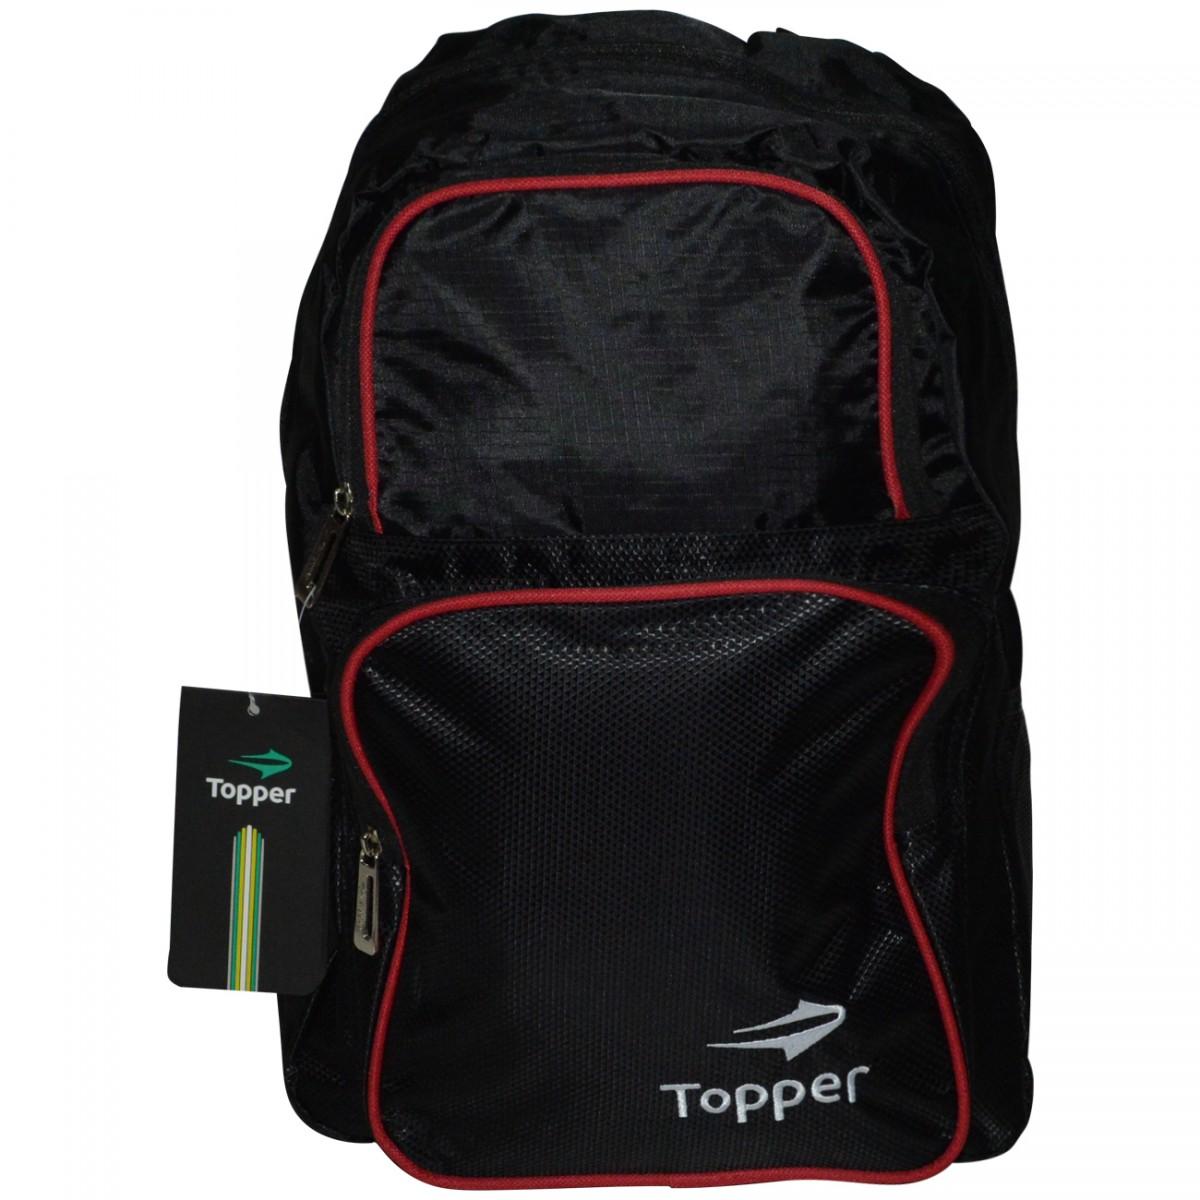 c754a85c5 Mochila Topper Training 4124609 0172 - Preto/Vermelho - Chuteira Nike,  Adidas. Sandalias Femininas. Sandy Calçados